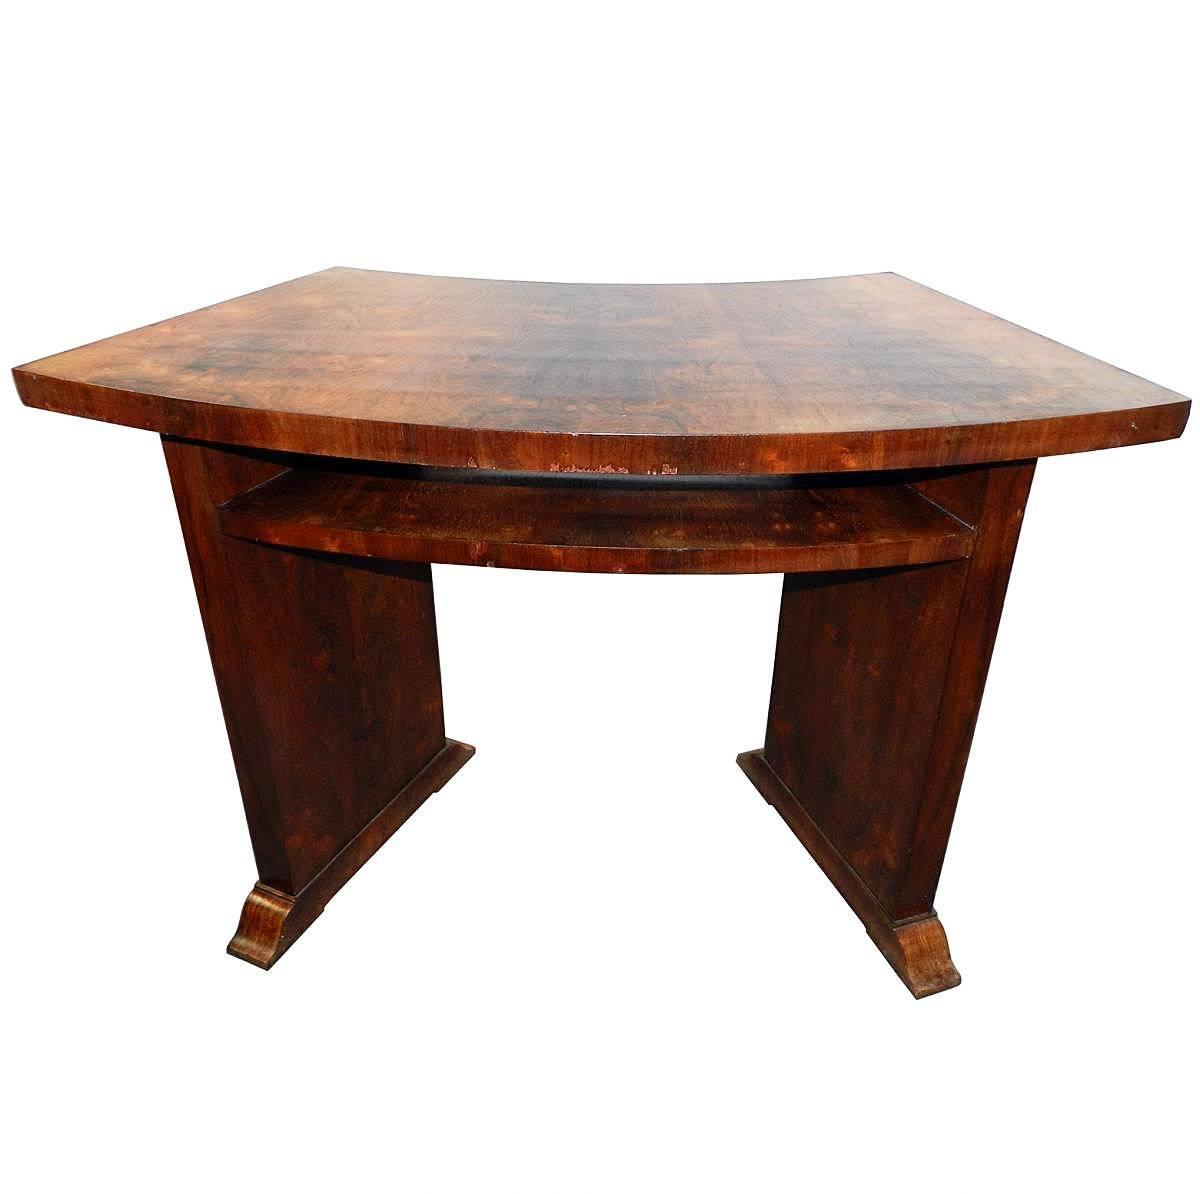 Art Deco Table Desk in Palisander, circa 1930